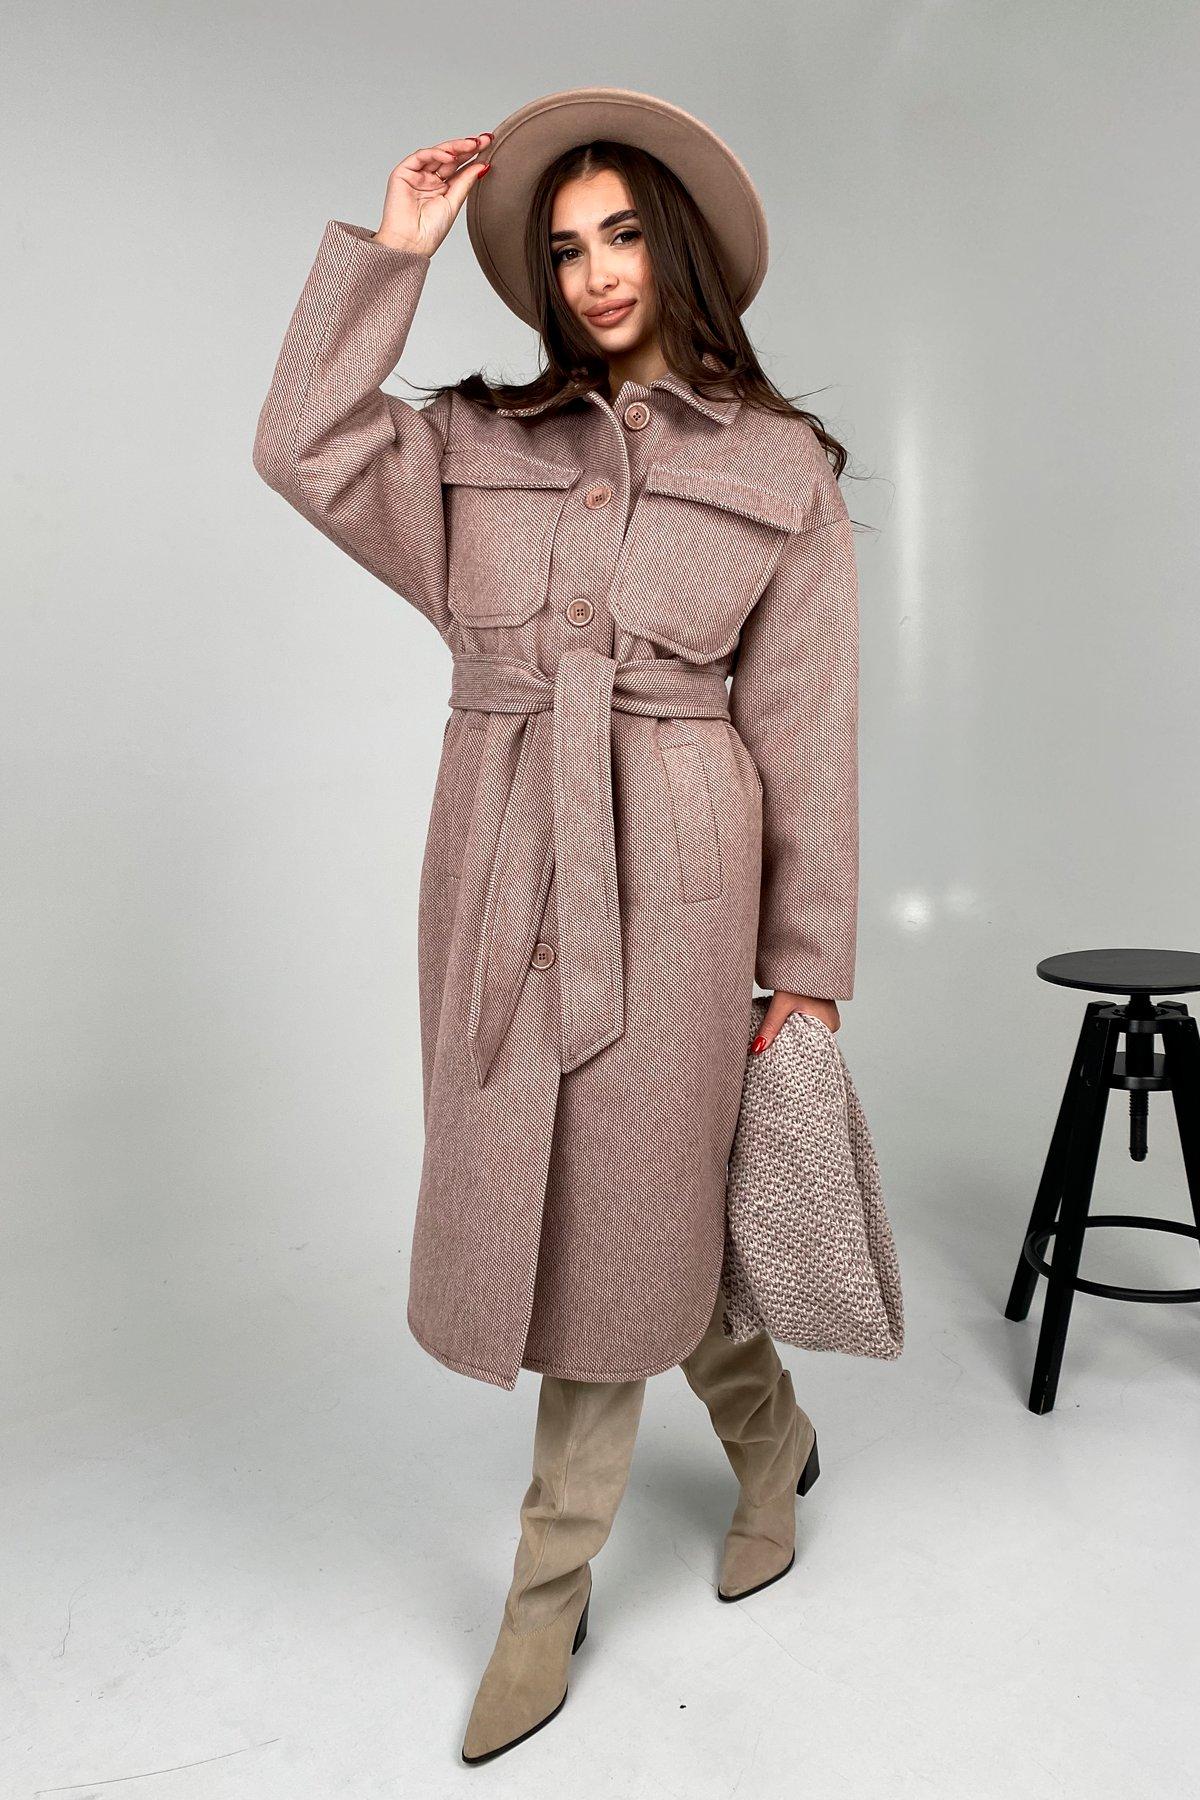 Ола модена пальтовая ткань зима Шарф пальто 10217 АРТ. 46506 Цвет: Светлый шоколад - фото 1, интернет магазин tm-modus.ru